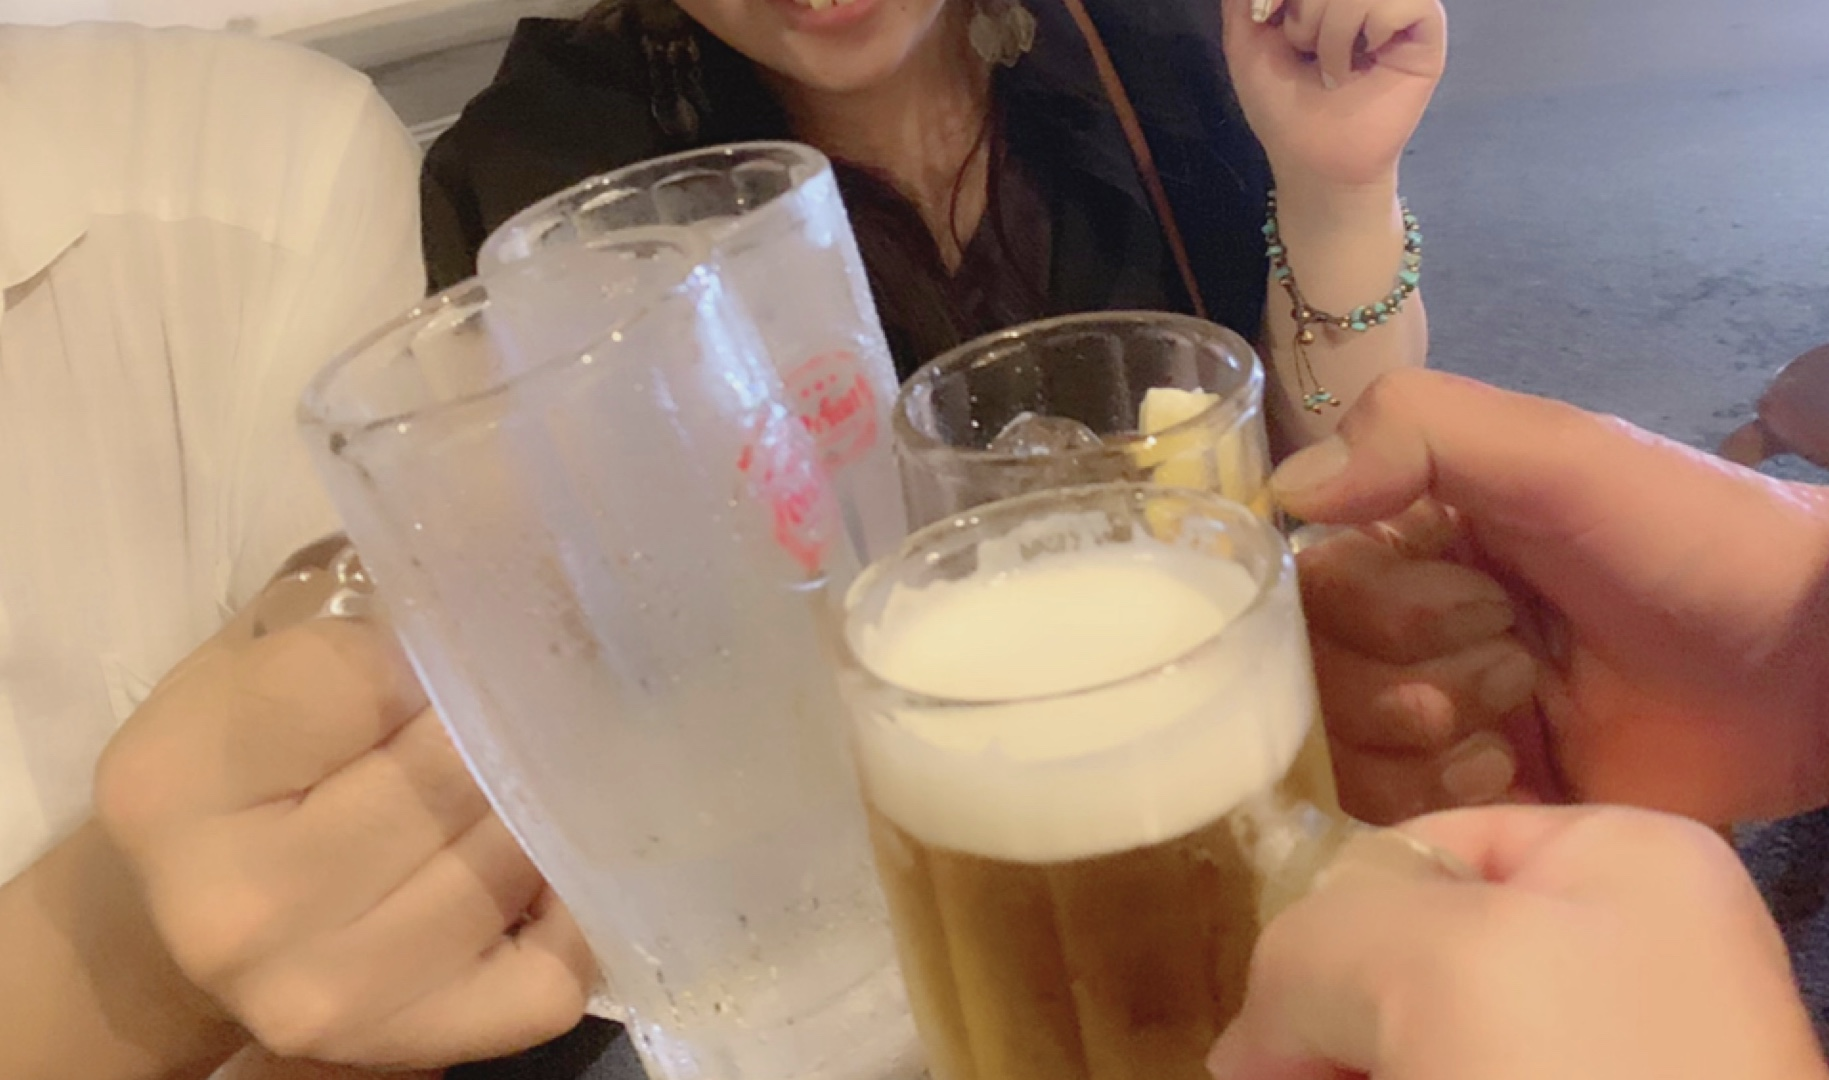 福岡博多の色と食文化、石垣の色と食文化を織り交ぜた気軽に立ち寄れる居酒屋✨✨✨